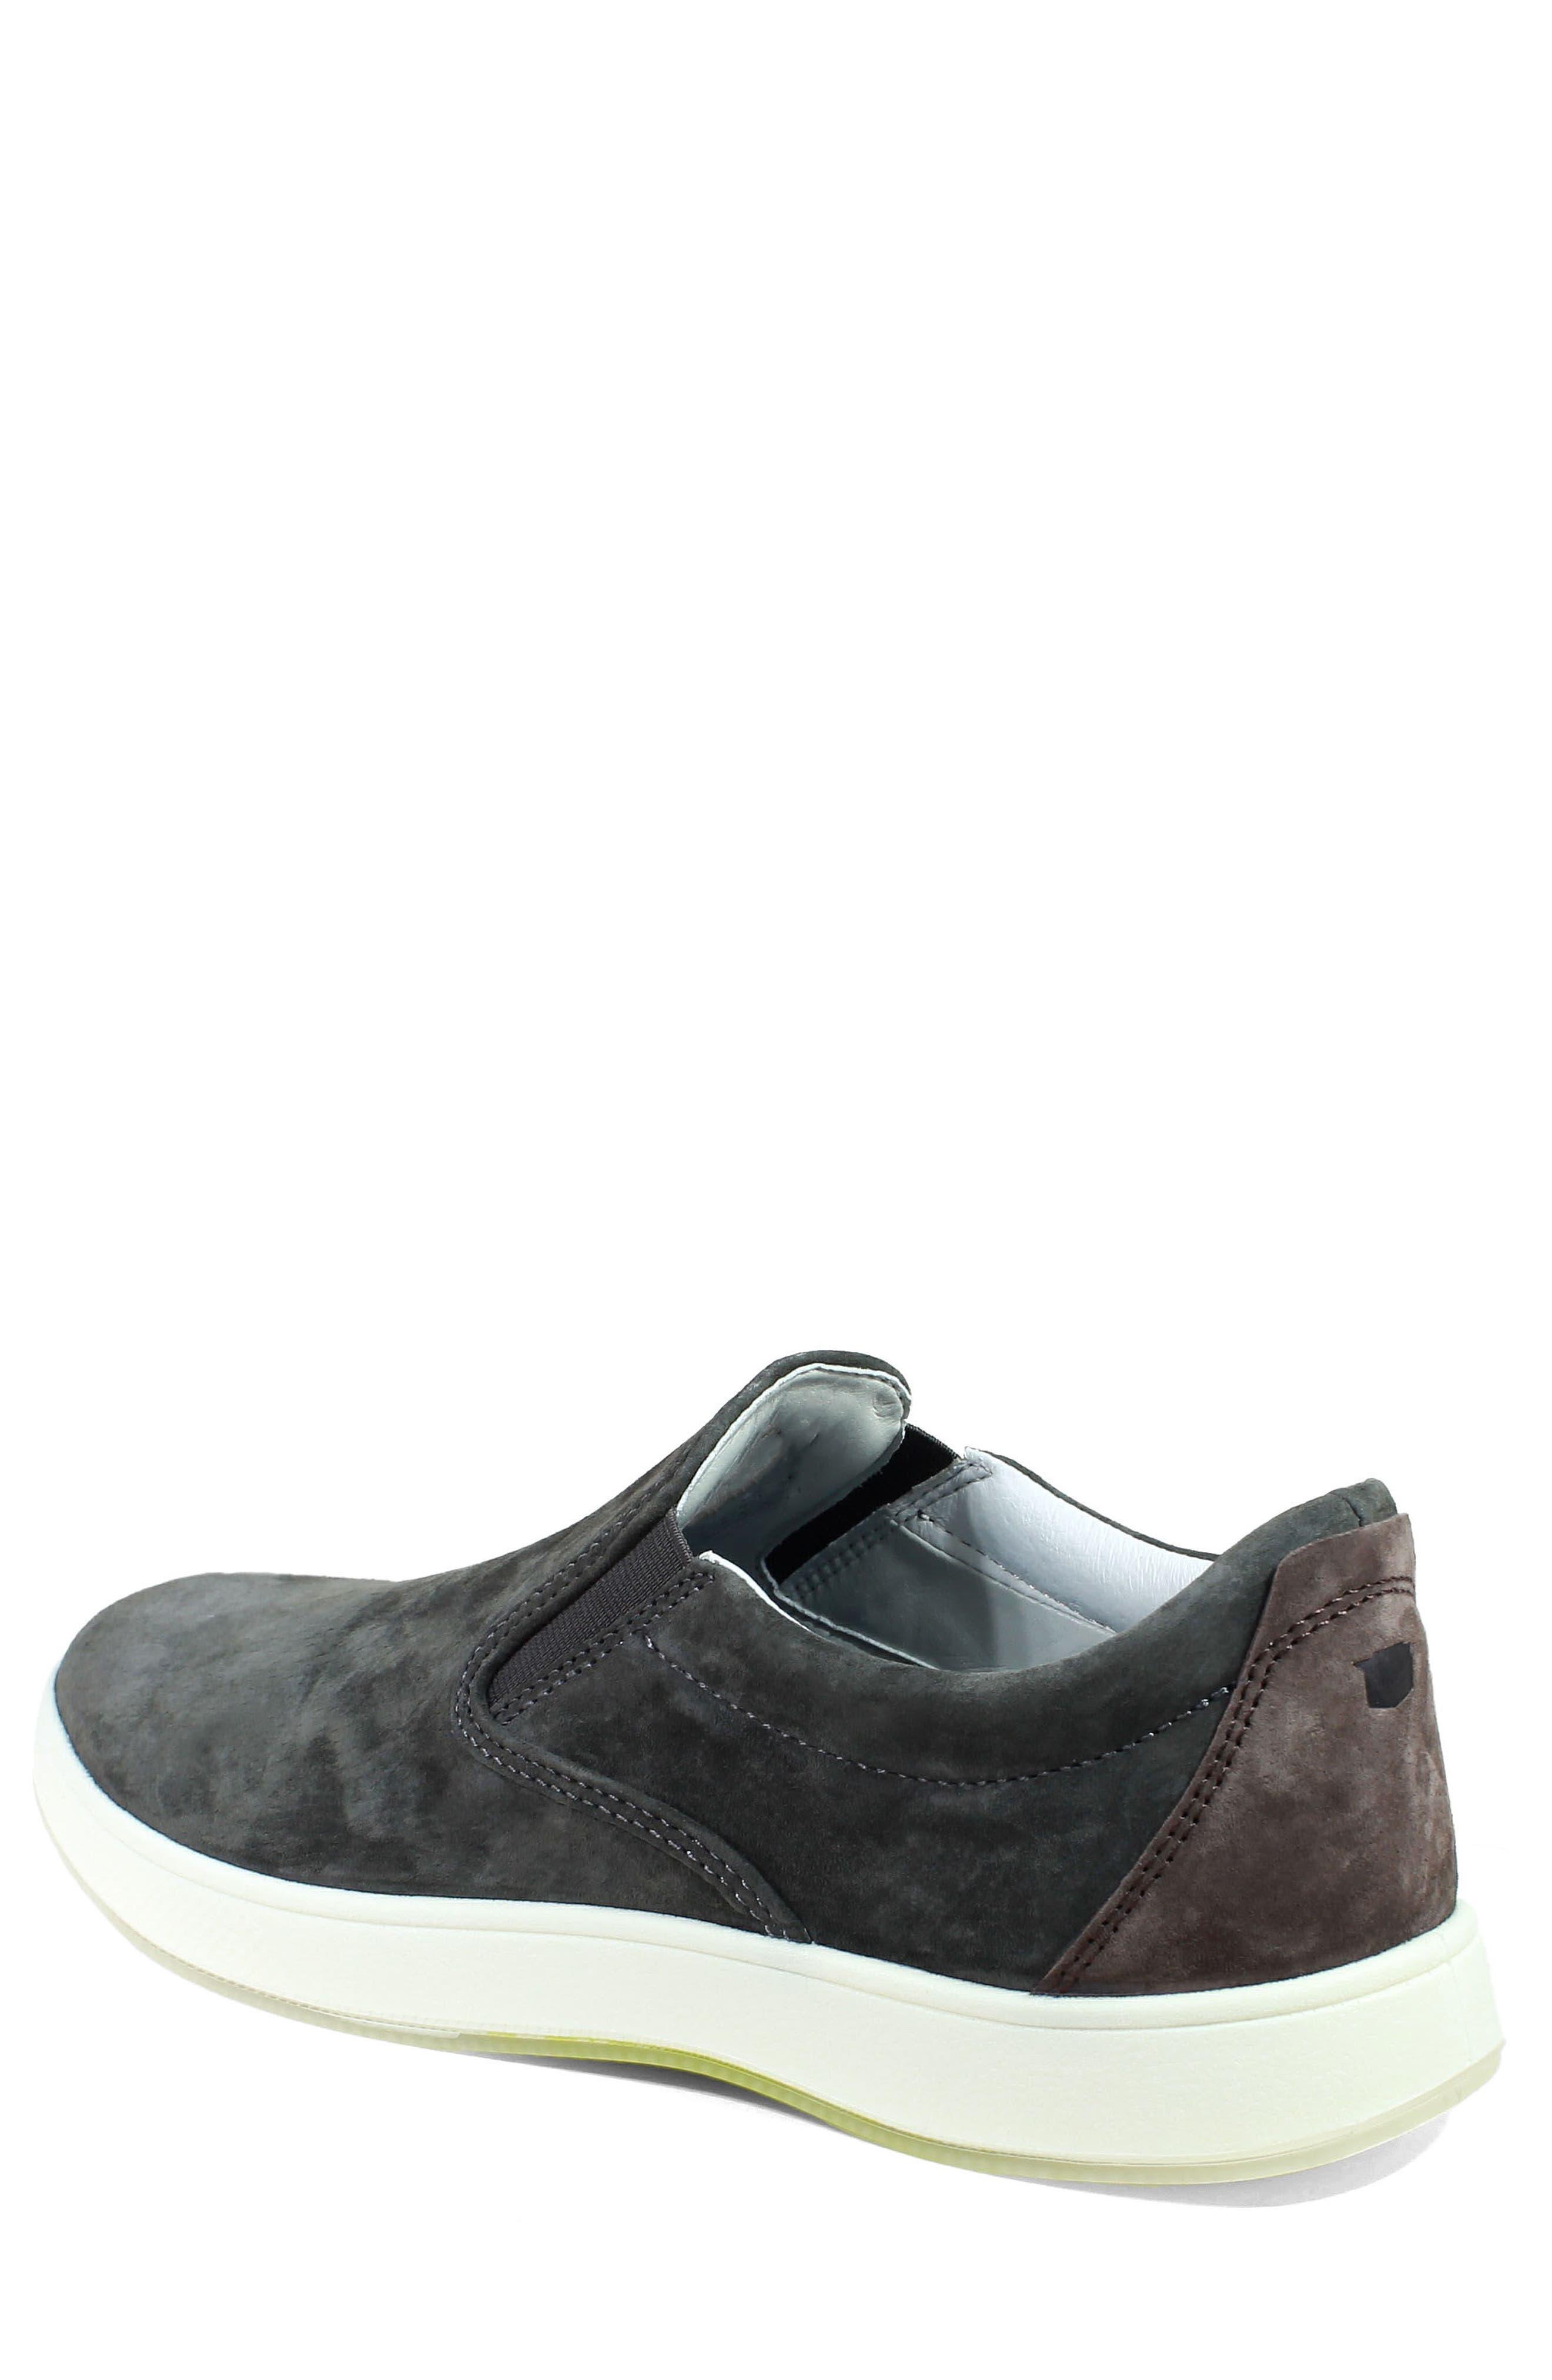 Edge Slip-On Sneaker,                             Alternate thumbnail 2, color,                             Charcoal Nubuck